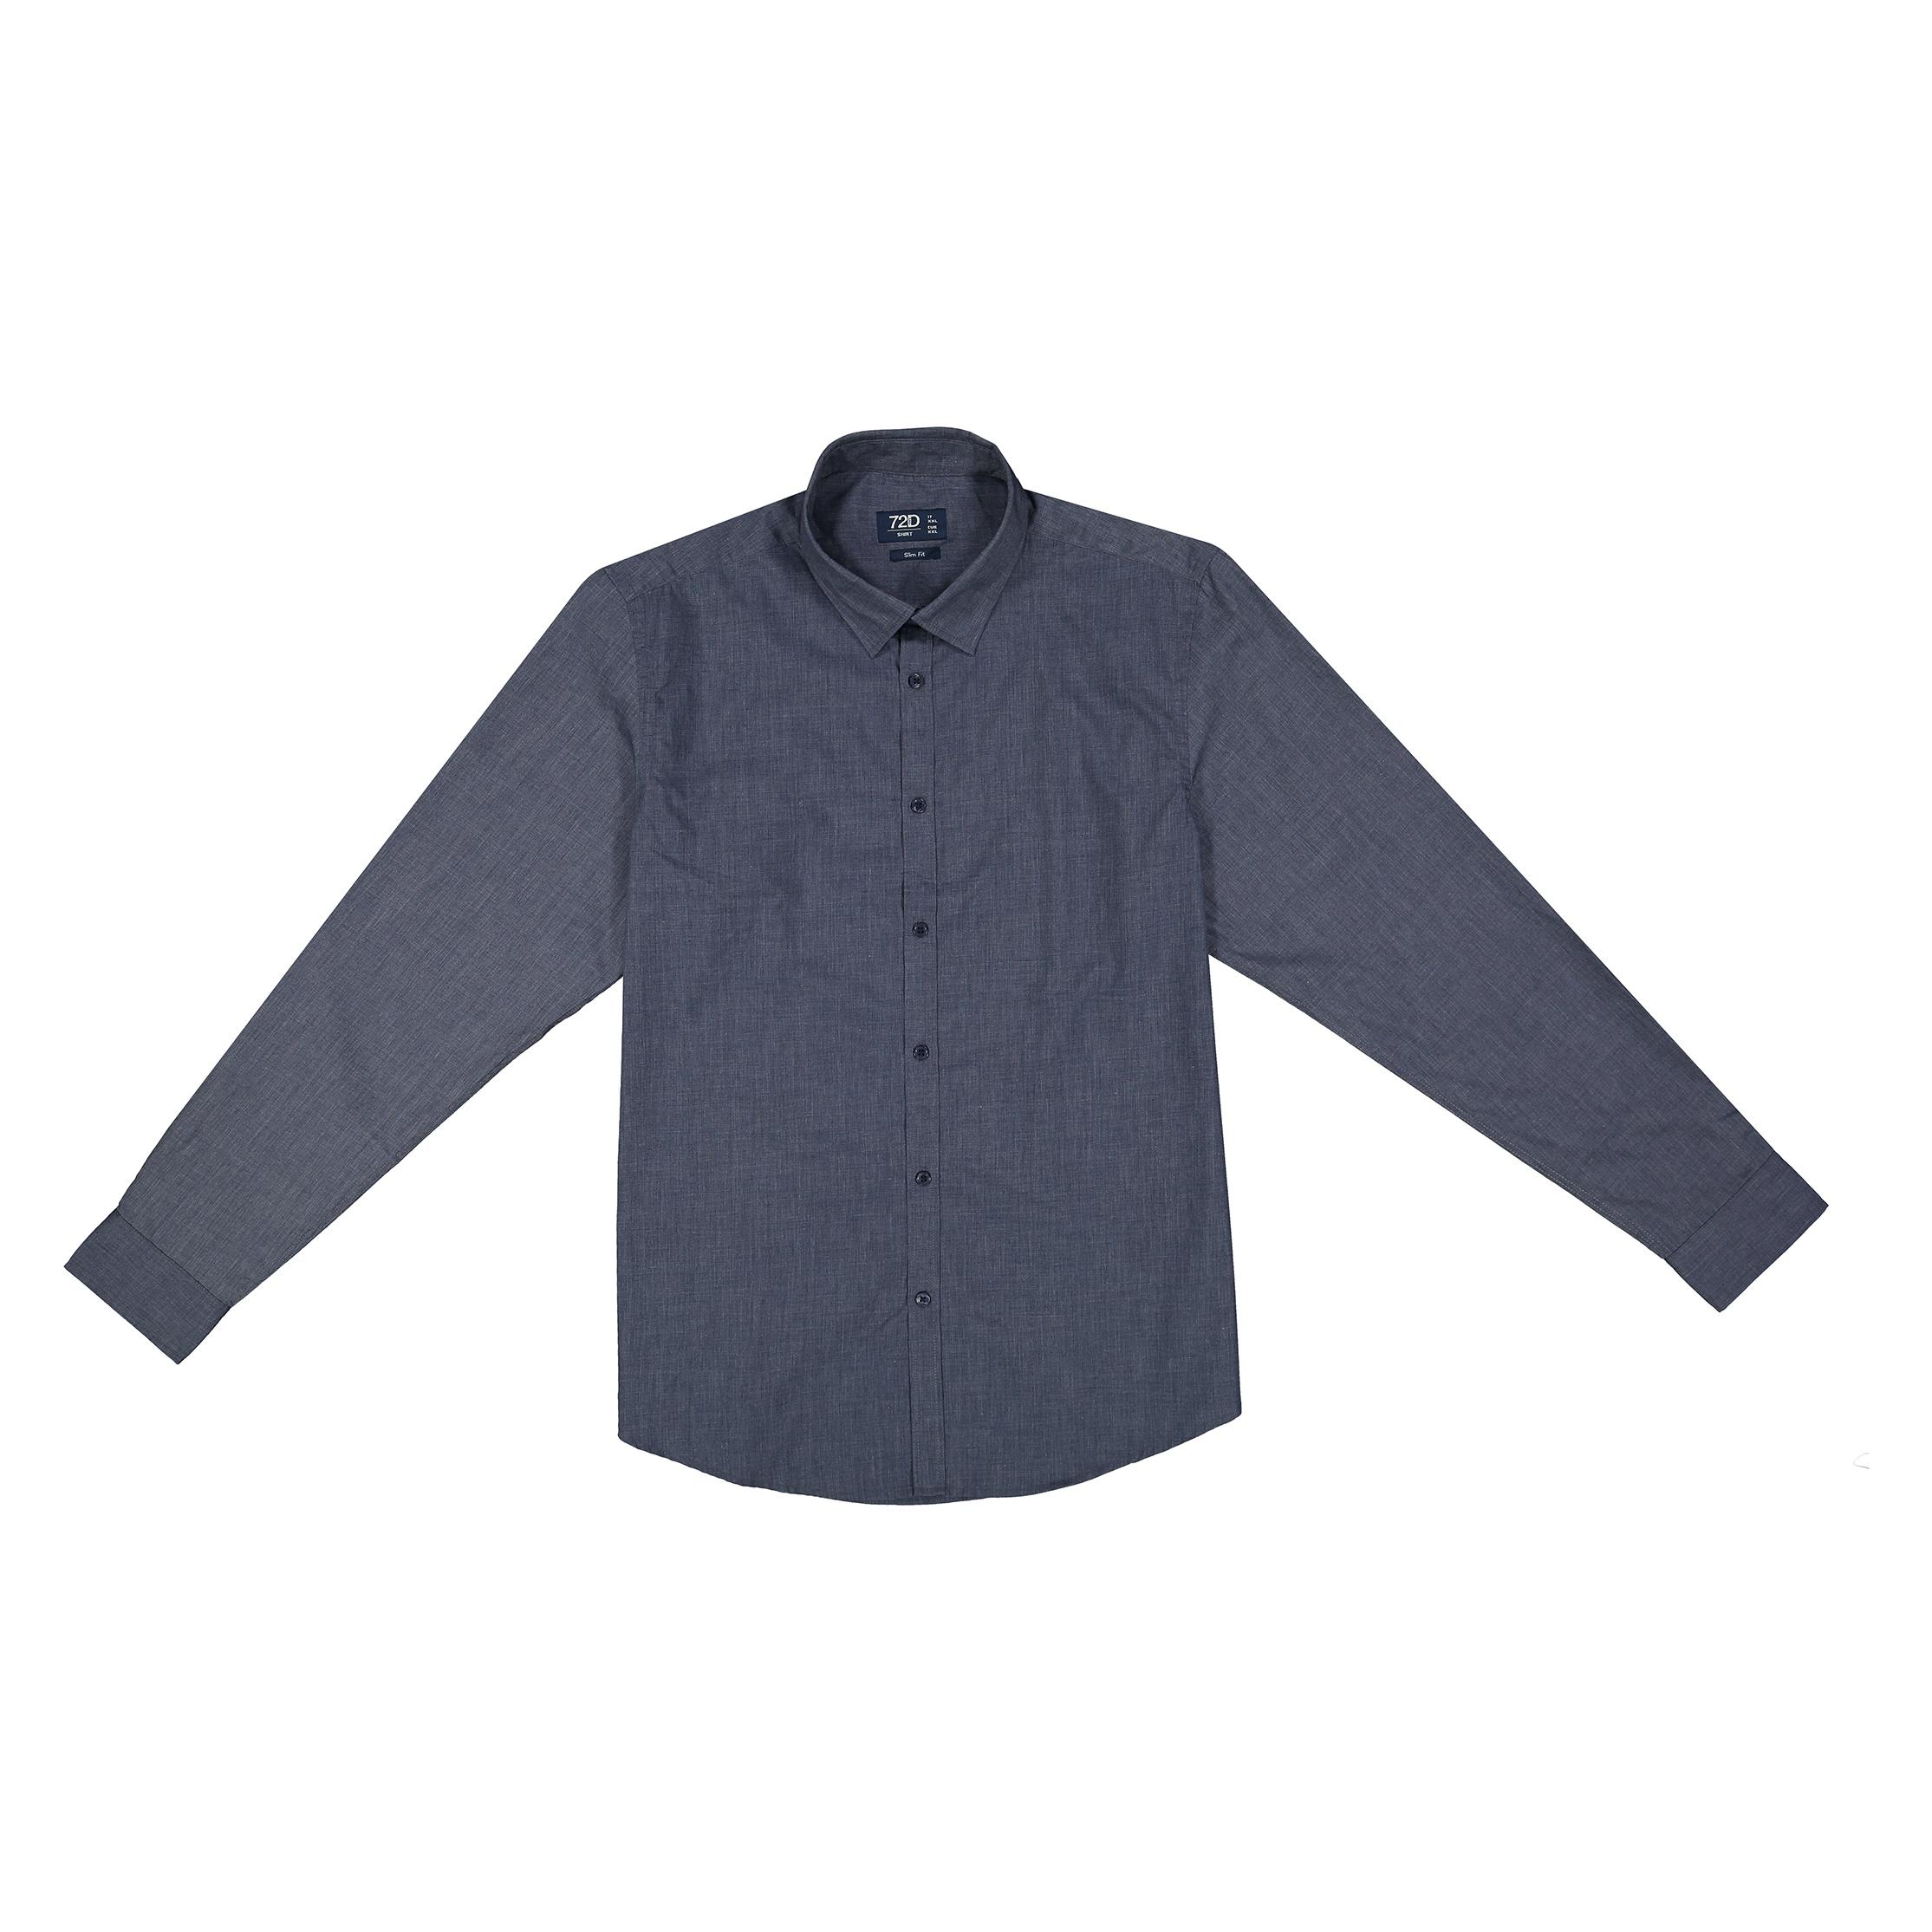 پیراهن مردانه او وی اس مدل 002097301-BLUE